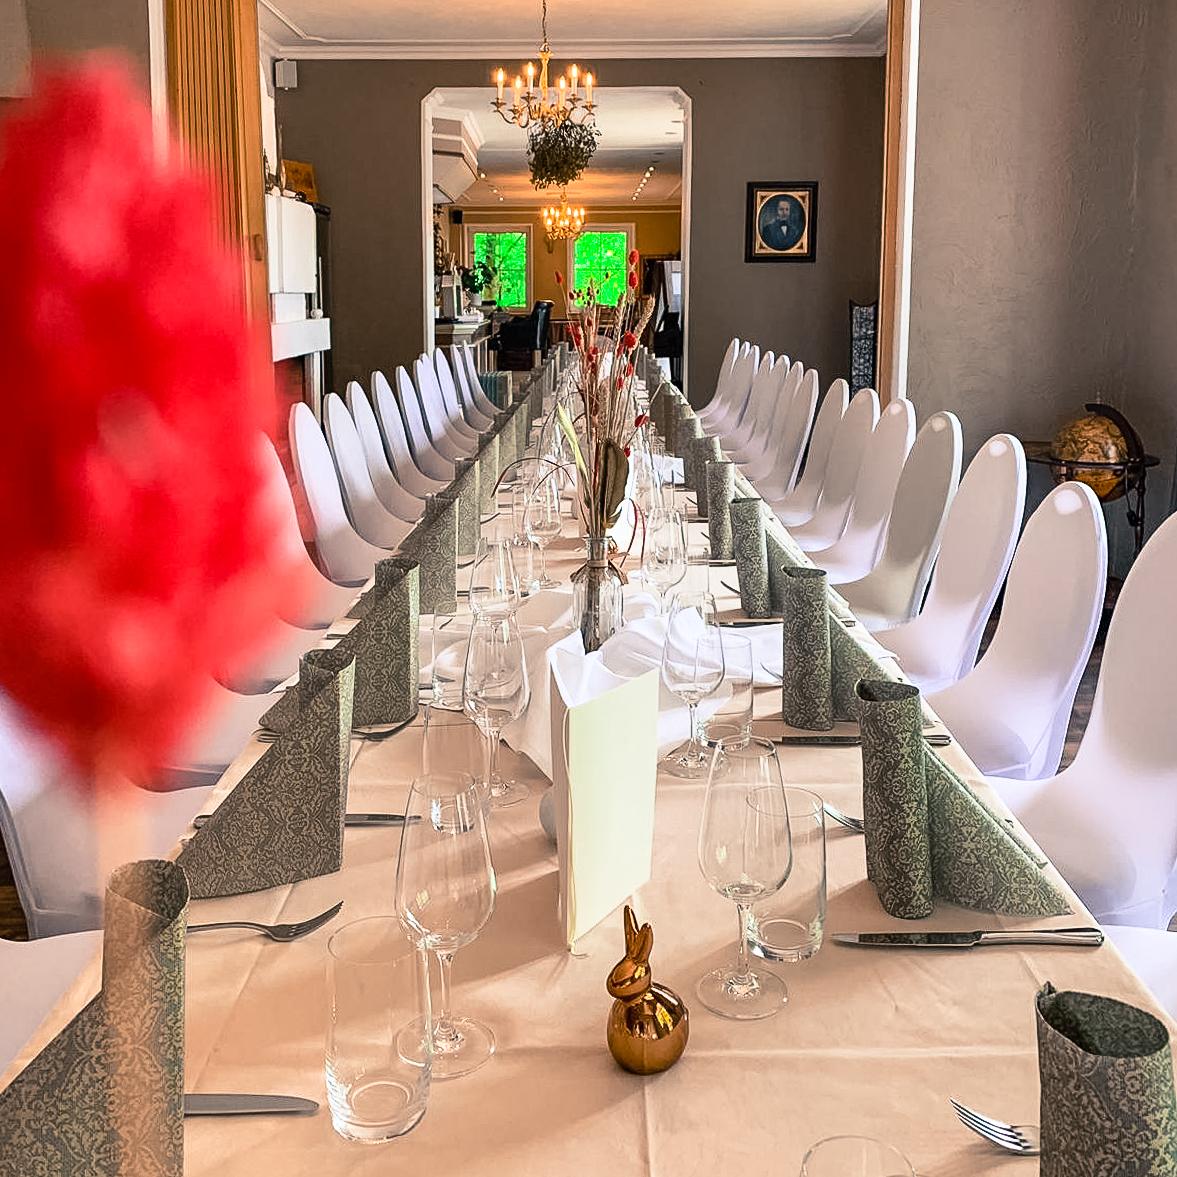 gastro raeume inspiration strandhotel vier jahreszeiten ort buckow restaurant a